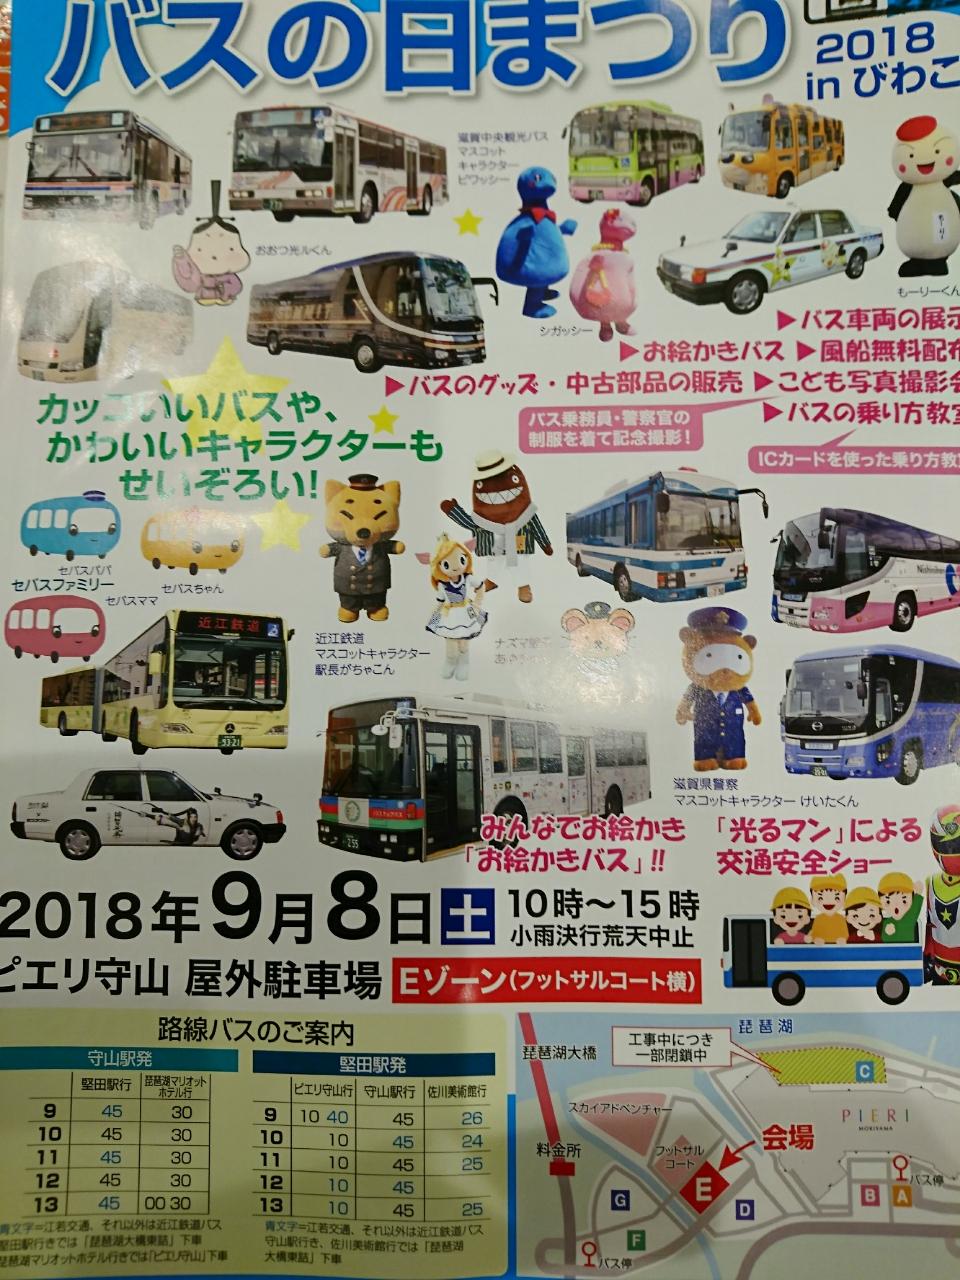 9月8日(土)】ピエリ守山でバスの...